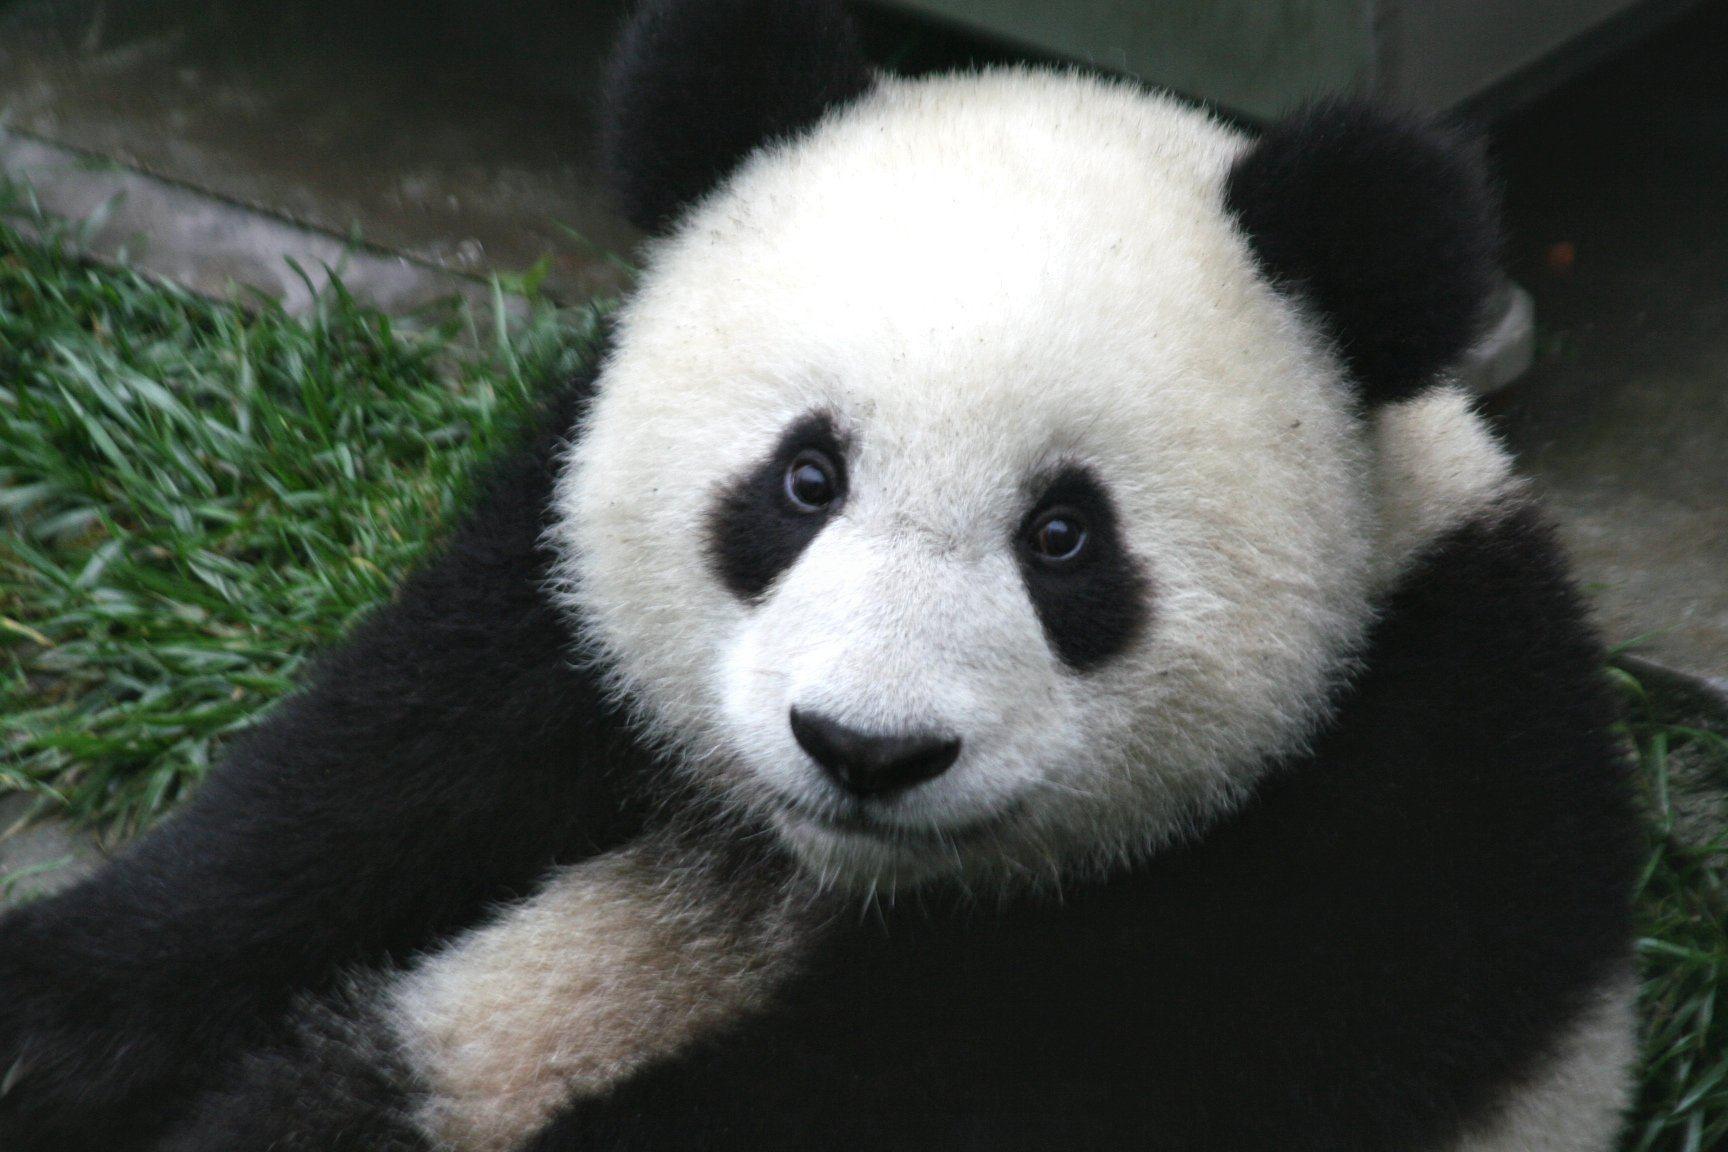 Cute Panda Bear Wallpaper | Animal HD Wallpapers